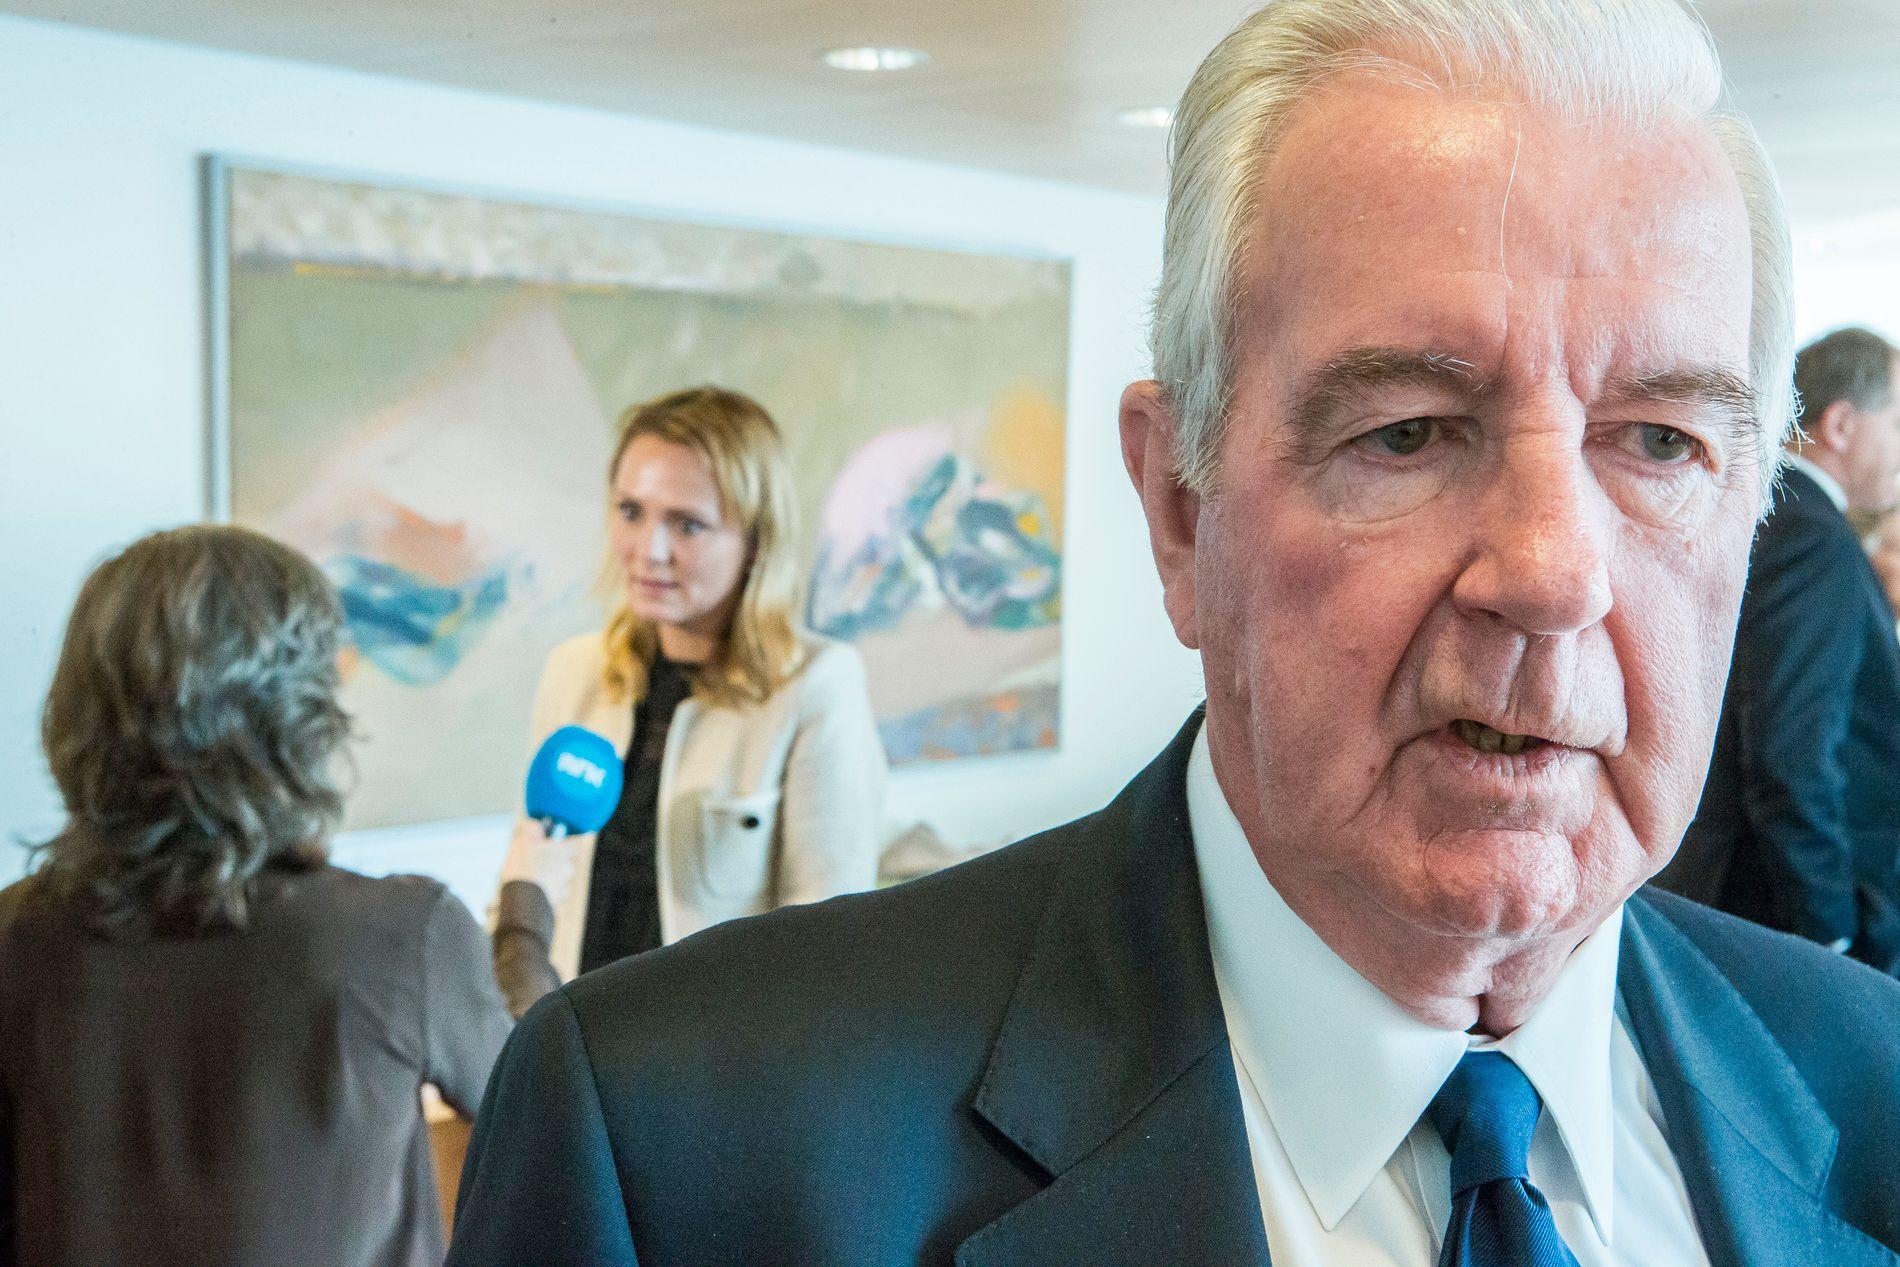 WADA-TOPPPER PÅ HVER SIN SIDE: IOC-medlemmet sir Craig Reedie (foran) er president i Wada. Linda Hofstad Helleland (bak) representerer myndighetene, motparten i maktkampen, og er visepresident. Her er de under et møte i Norge tidligere i år.